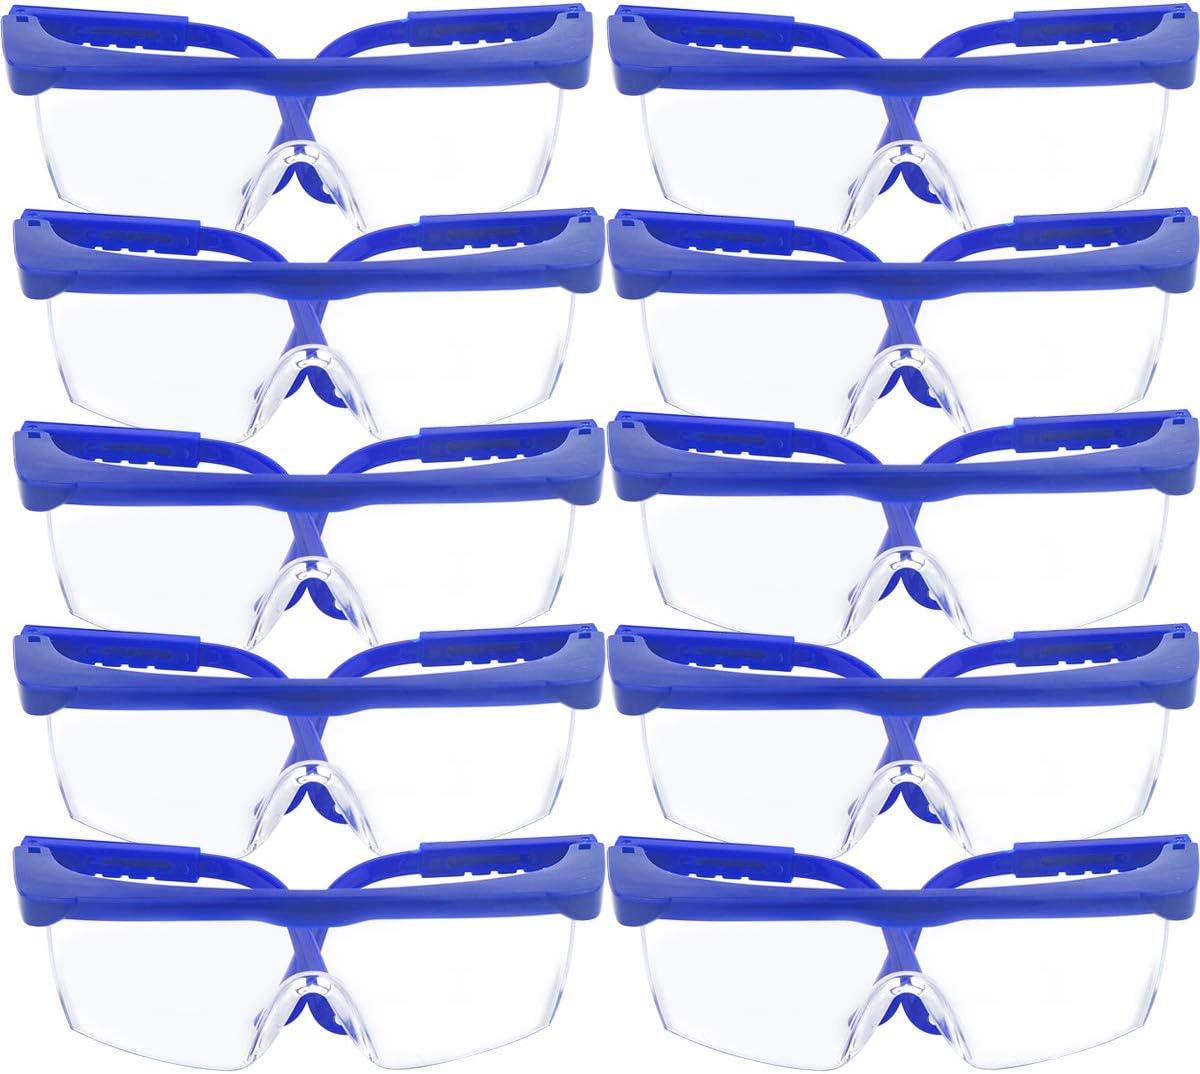 10 Pack gafas de seguridad y gafas protectoras, toohxl ajustable azul marcos para niños adultos gafas de protección con goma gruesa PC lentes, para deportes y actividades al aire libre juego